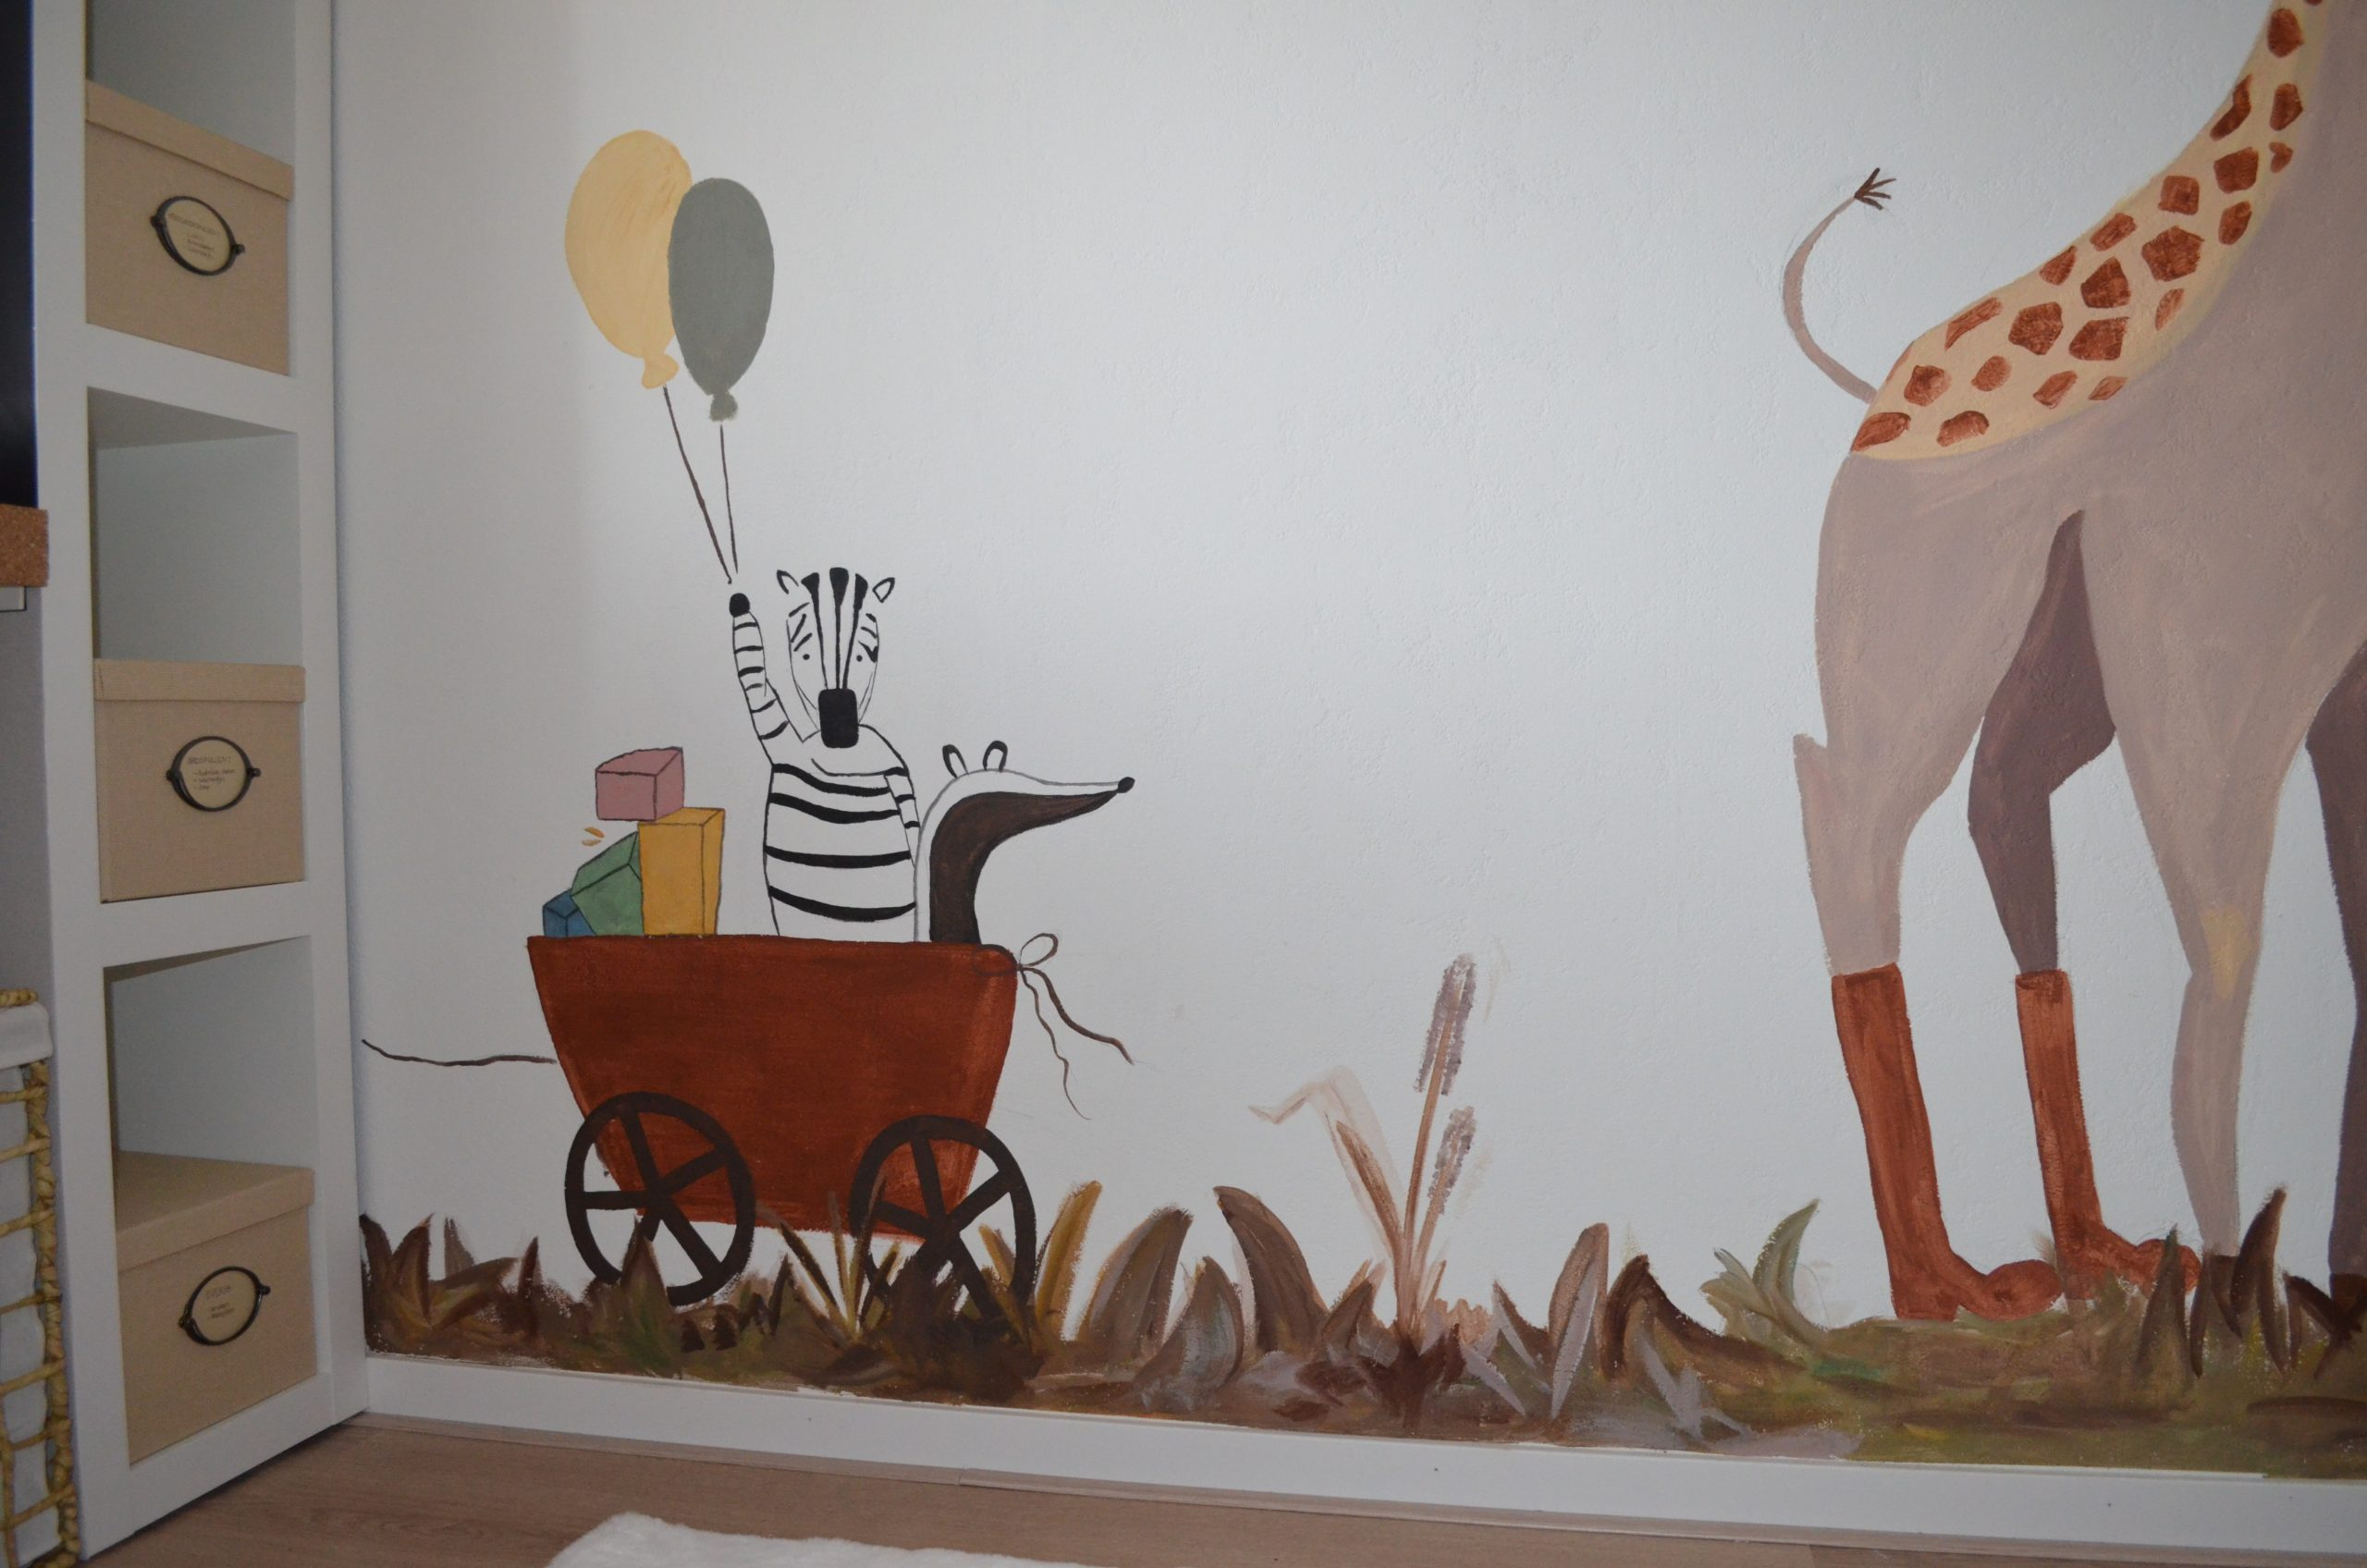 De muurschildering loopt tot aan de vloer, opnieuw vanwege het ruimtelijke effect.